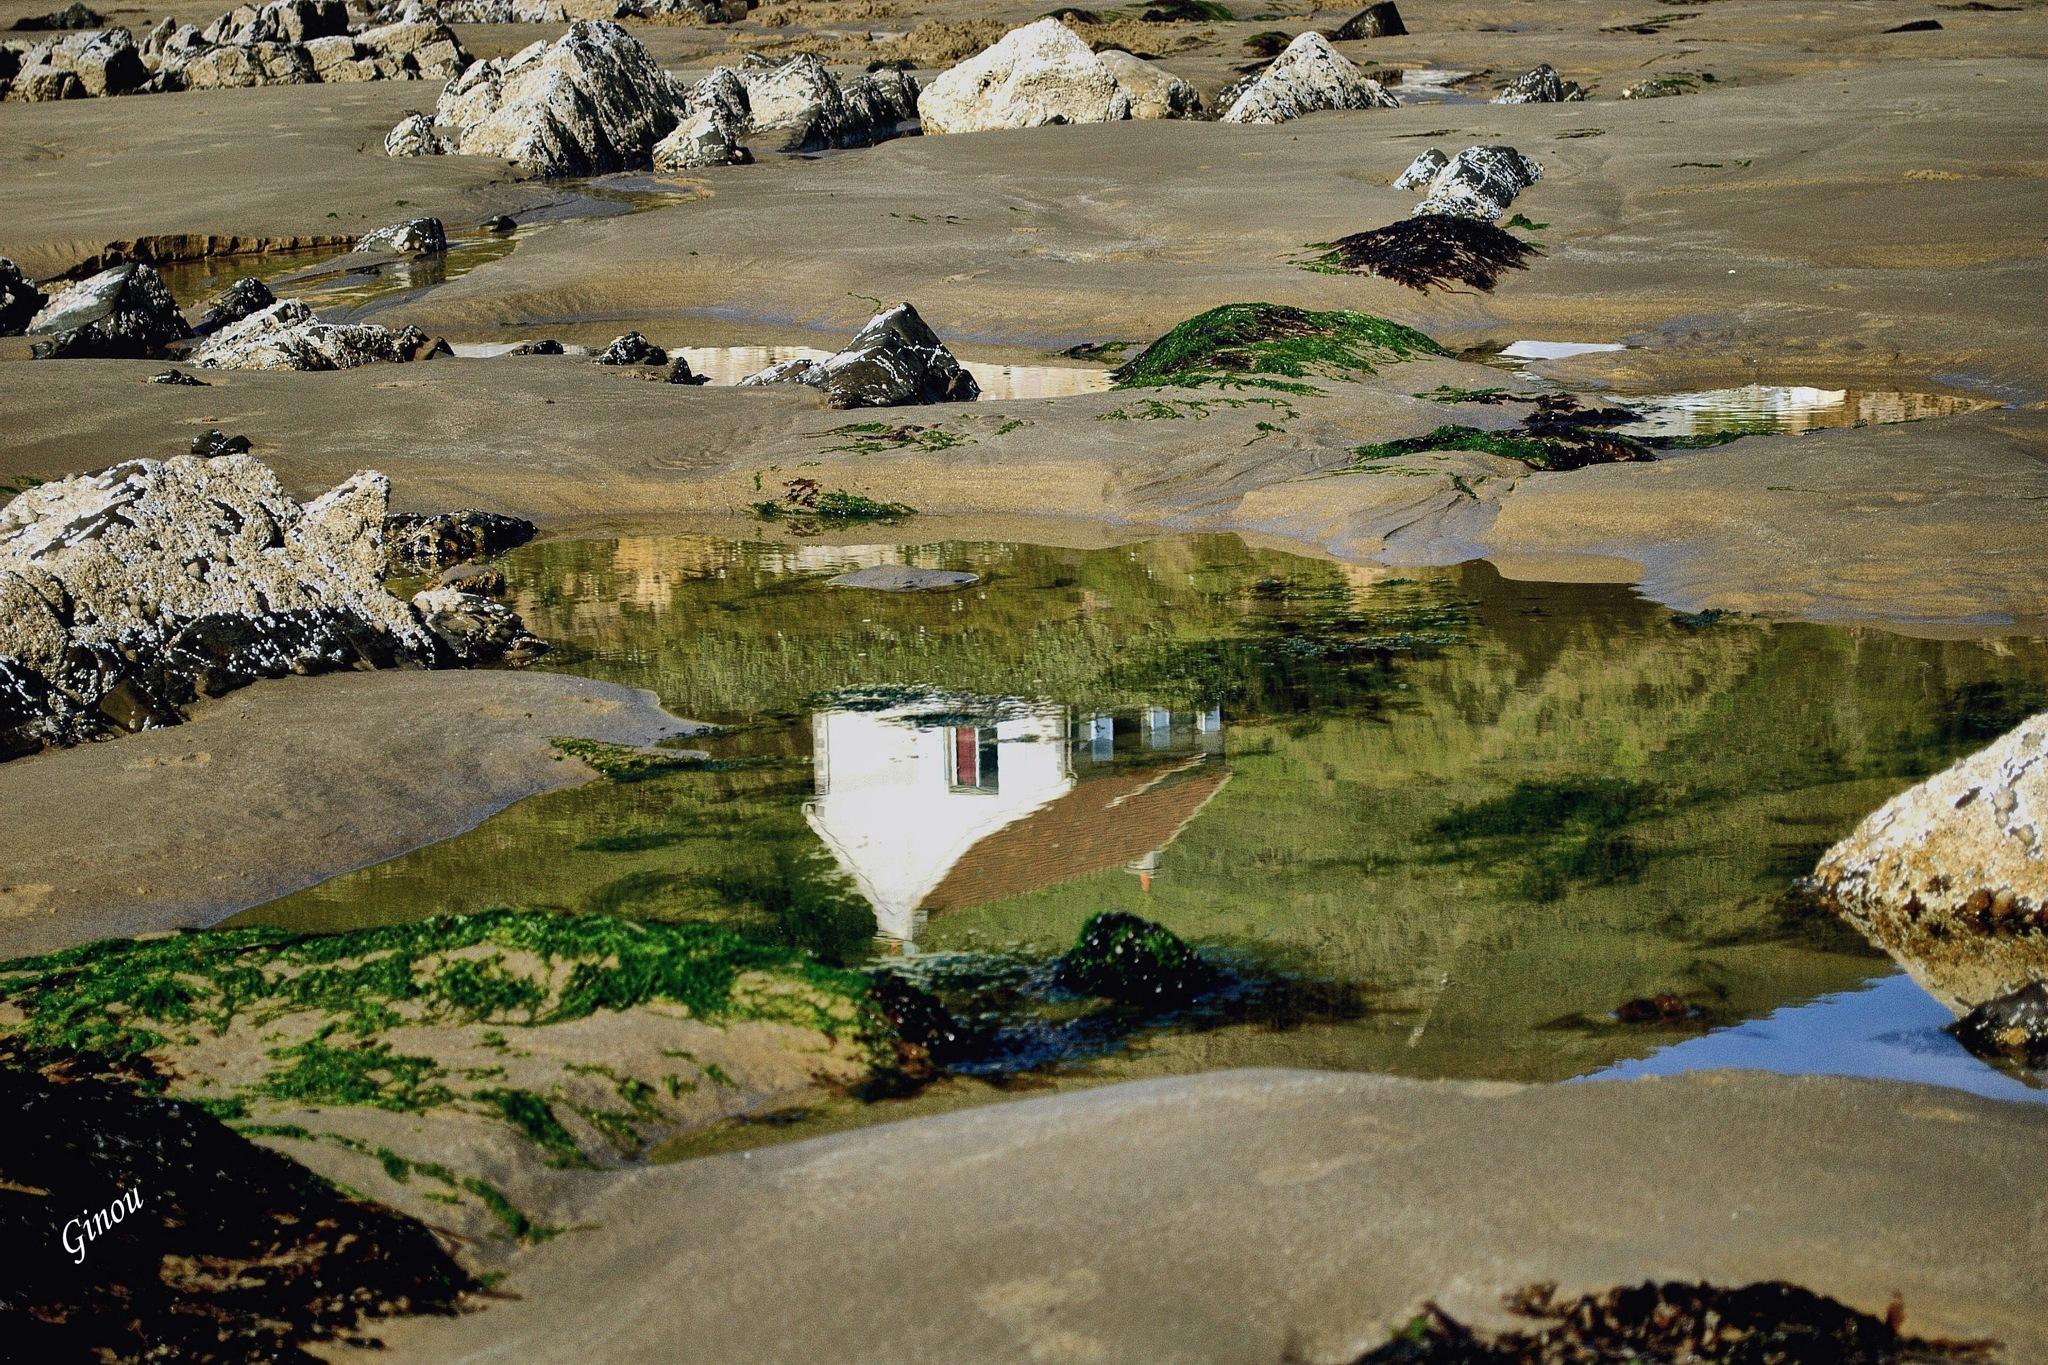 La maison sous la mer by Creusson Ginette